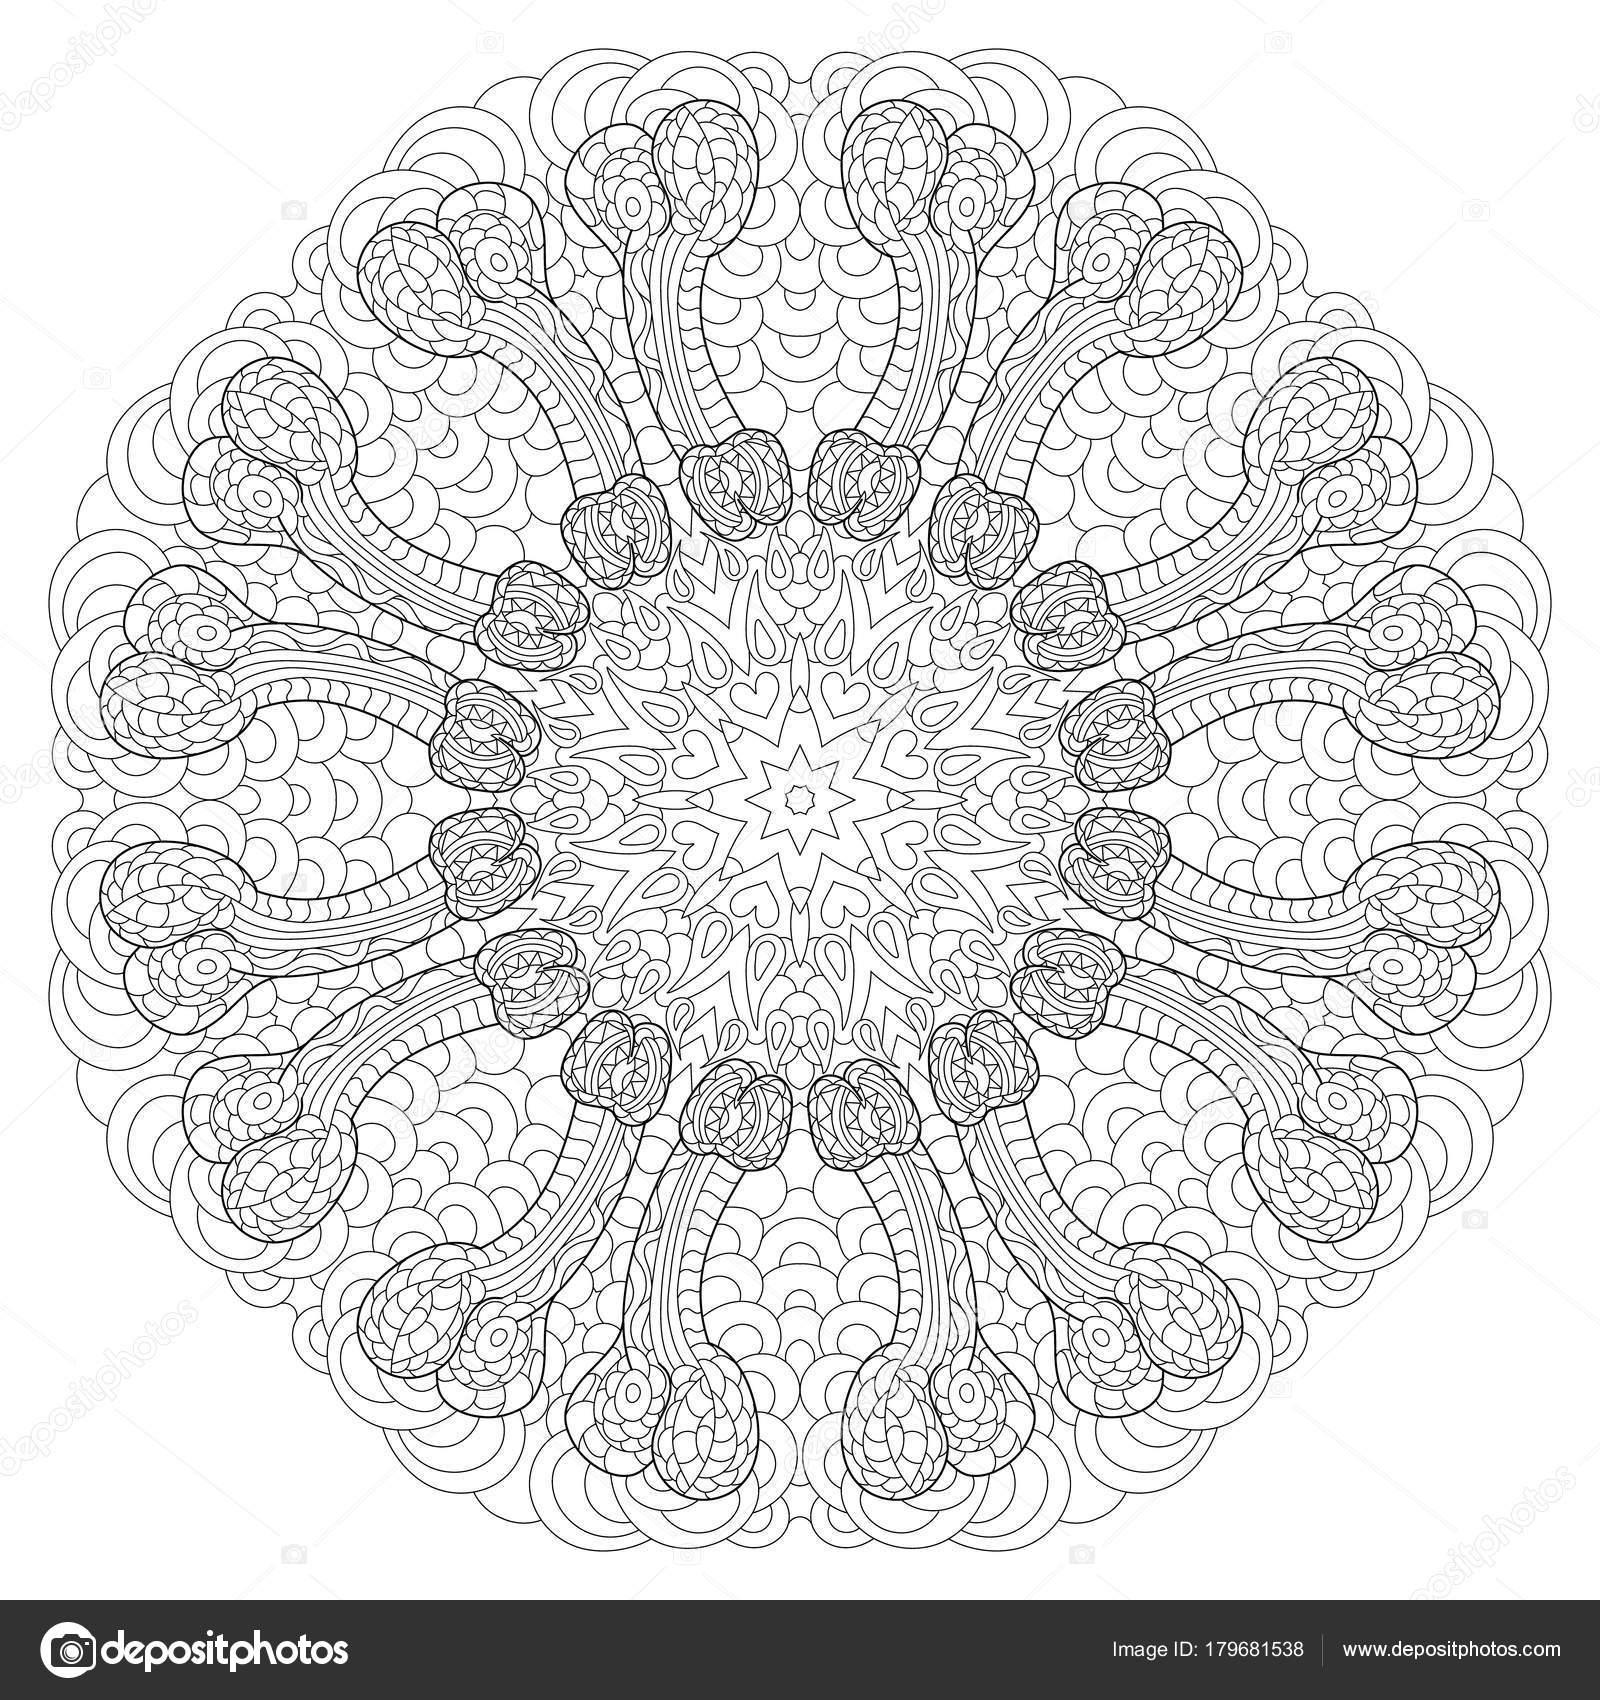 Penis Circular Mandala For Adults Coloring Book Page Design